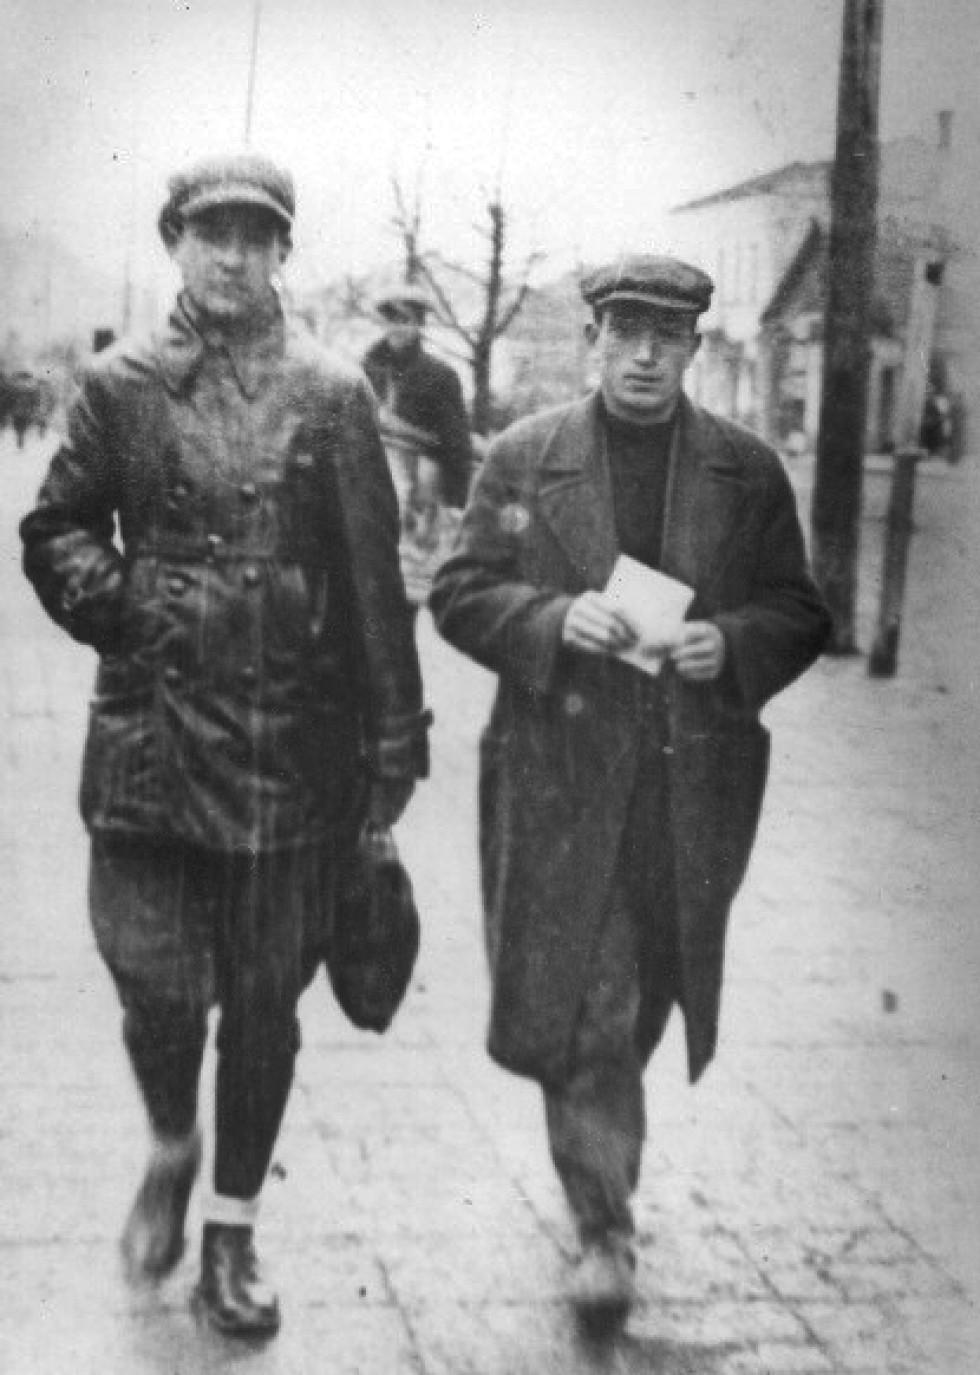 Громада єврейського населення в кінці ХІХ - на початку ХХ століття в місті була представлена переважною більшістю